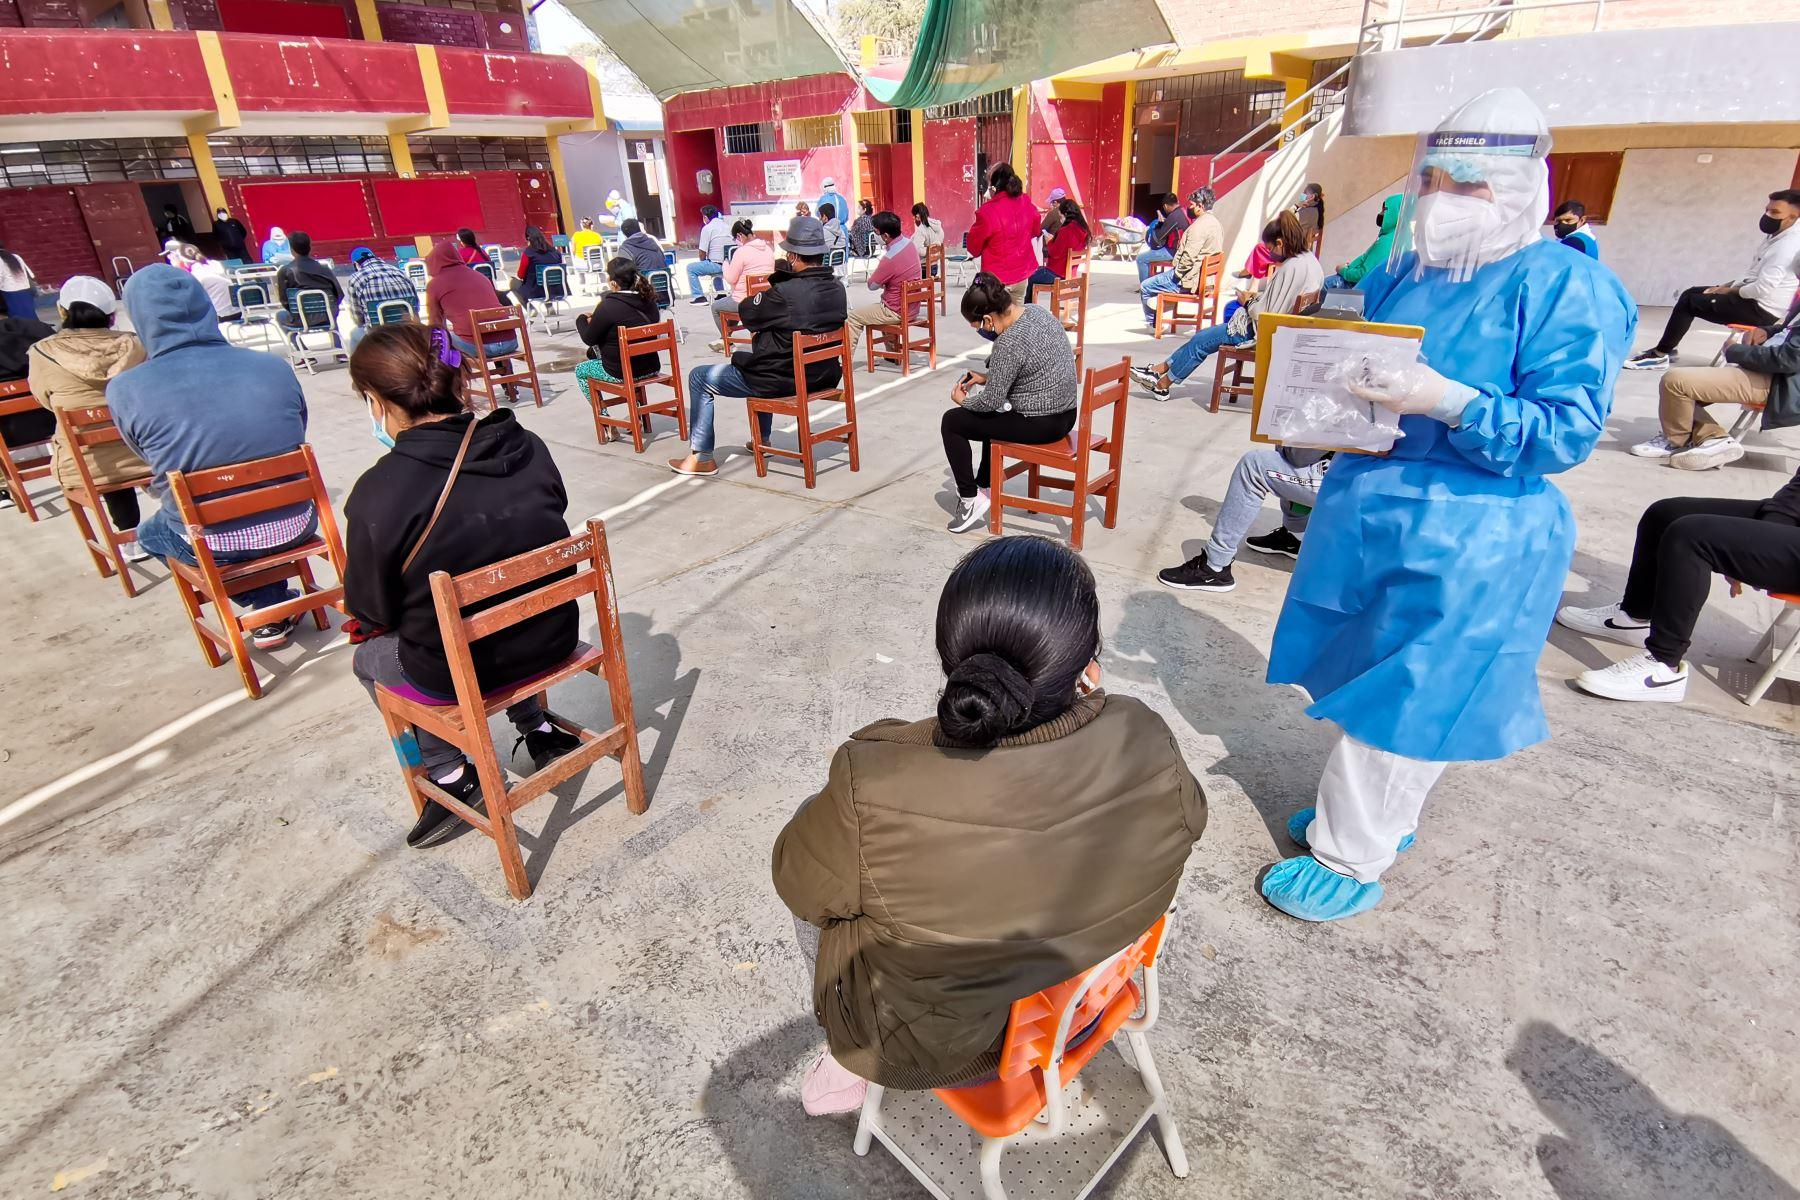 Según el reporte del Minsa, un total de 310,337 personas cumplieron su periodo de aislamiento domiciliario o fueron dados de alta de un establecimiento de salud. Foto: ANDINA/Minsa